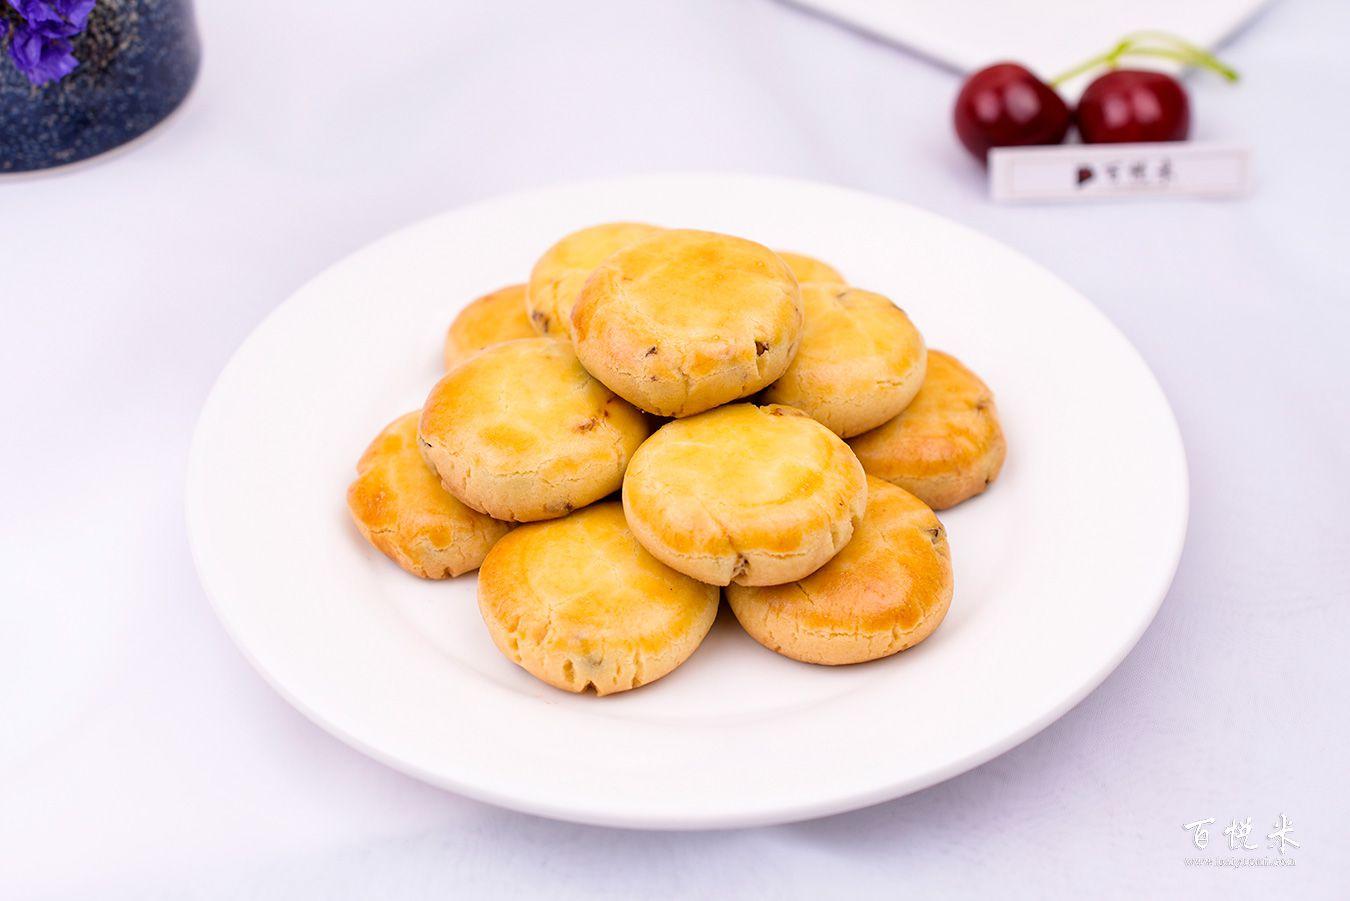 提子松饼饼干高清图片大全【蛋糕图片】_649